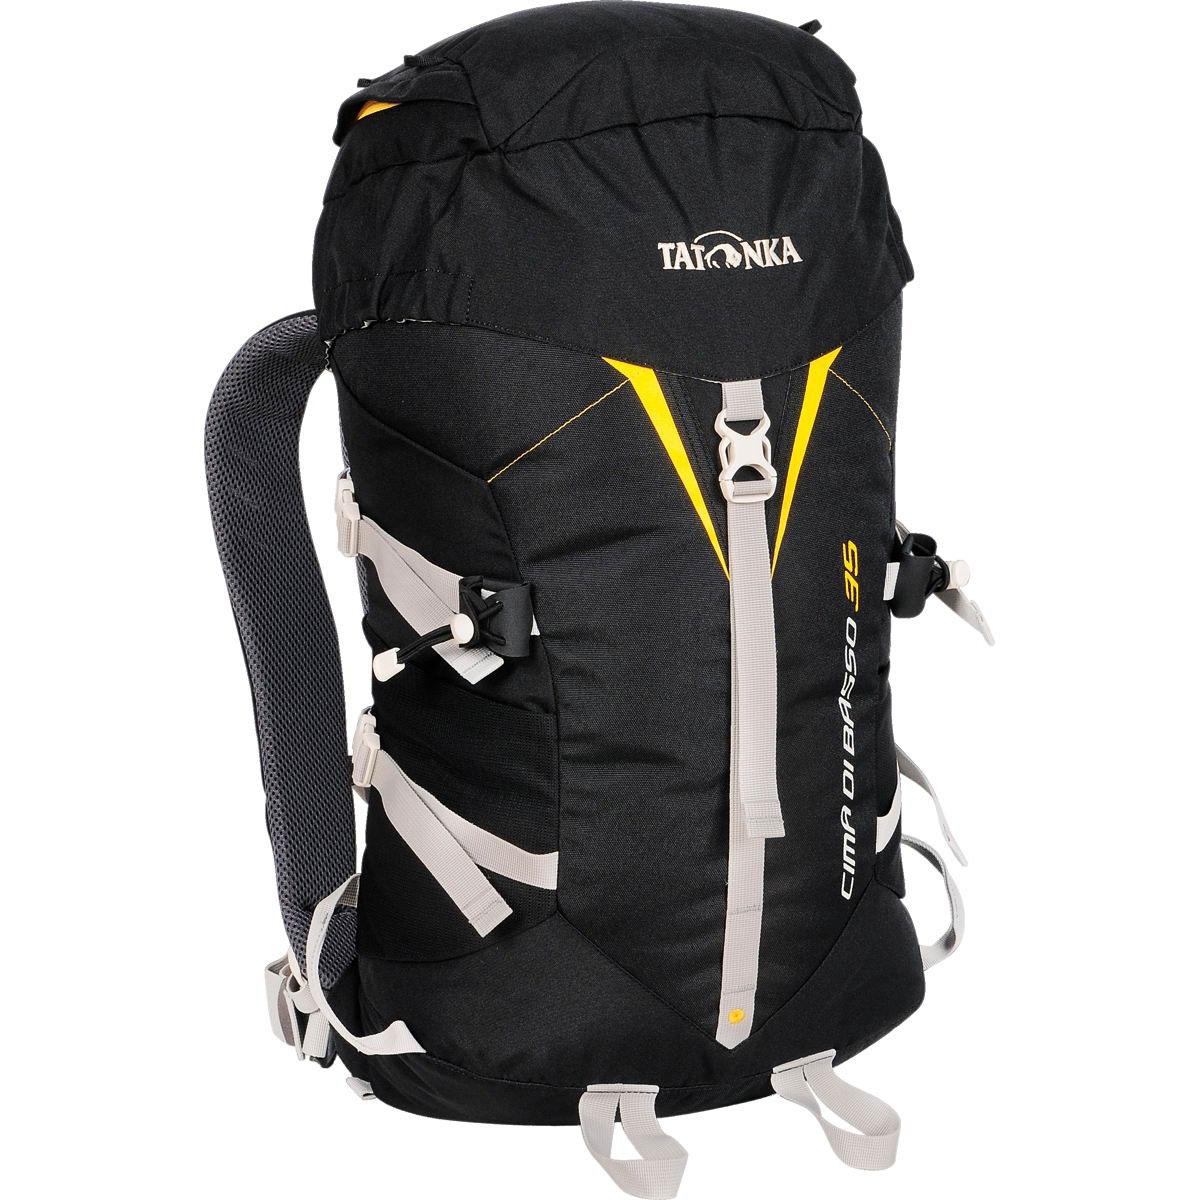 Рюкзак спортивный Tatonka Cima Di Basso, цвет: черный, 35 л1491.040Легкий горный рюкзак Tatonka Cima Di Basso. Отлично подходит для восхождений и короткого треккинга. Подвеска Padded Back и съемный поясной ремень обеспечивают отличную фиксацию рюкзака на спине. Боковые стяжки позволяют закрепить на рюкзаке веревку. Предусмотрено два места для крепления палок или ледоруба. Особенности рюкзака: Система подвески Padded Back Съемный поясной ремень Держатели для ледоруба Клапан в крышке рюкзака Боковые стяжки.